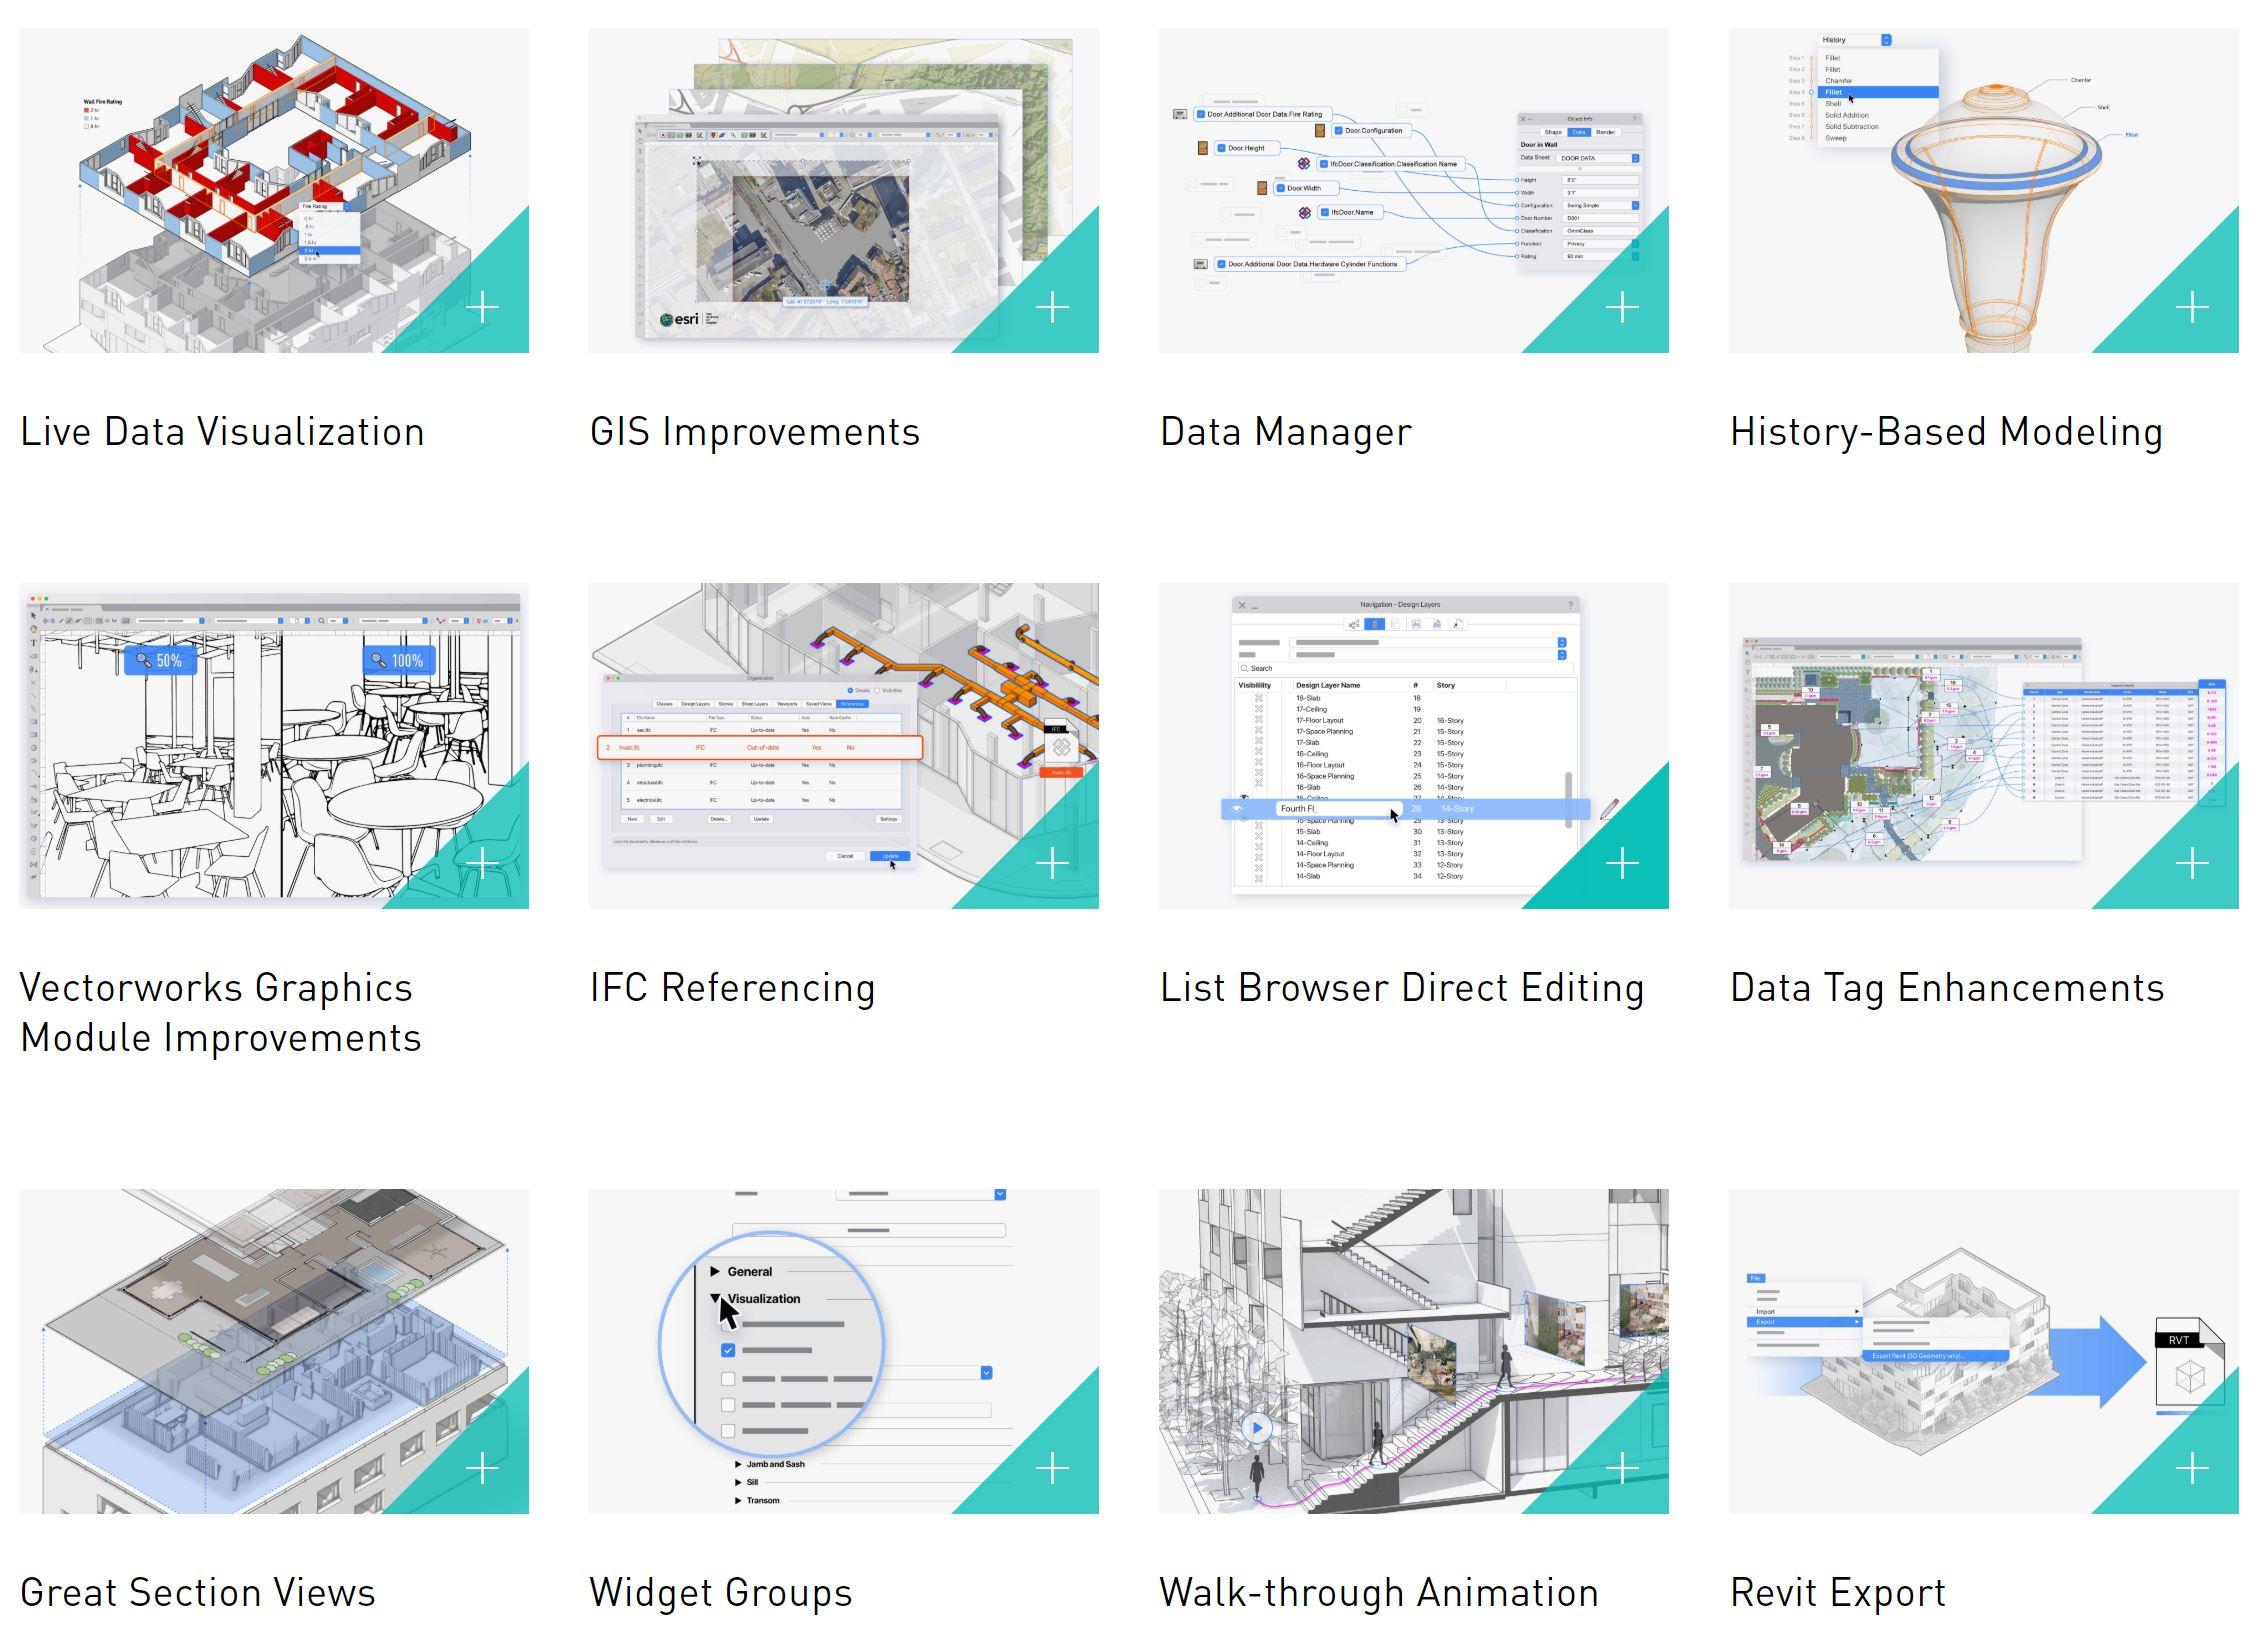 Vectorworks 2020 features